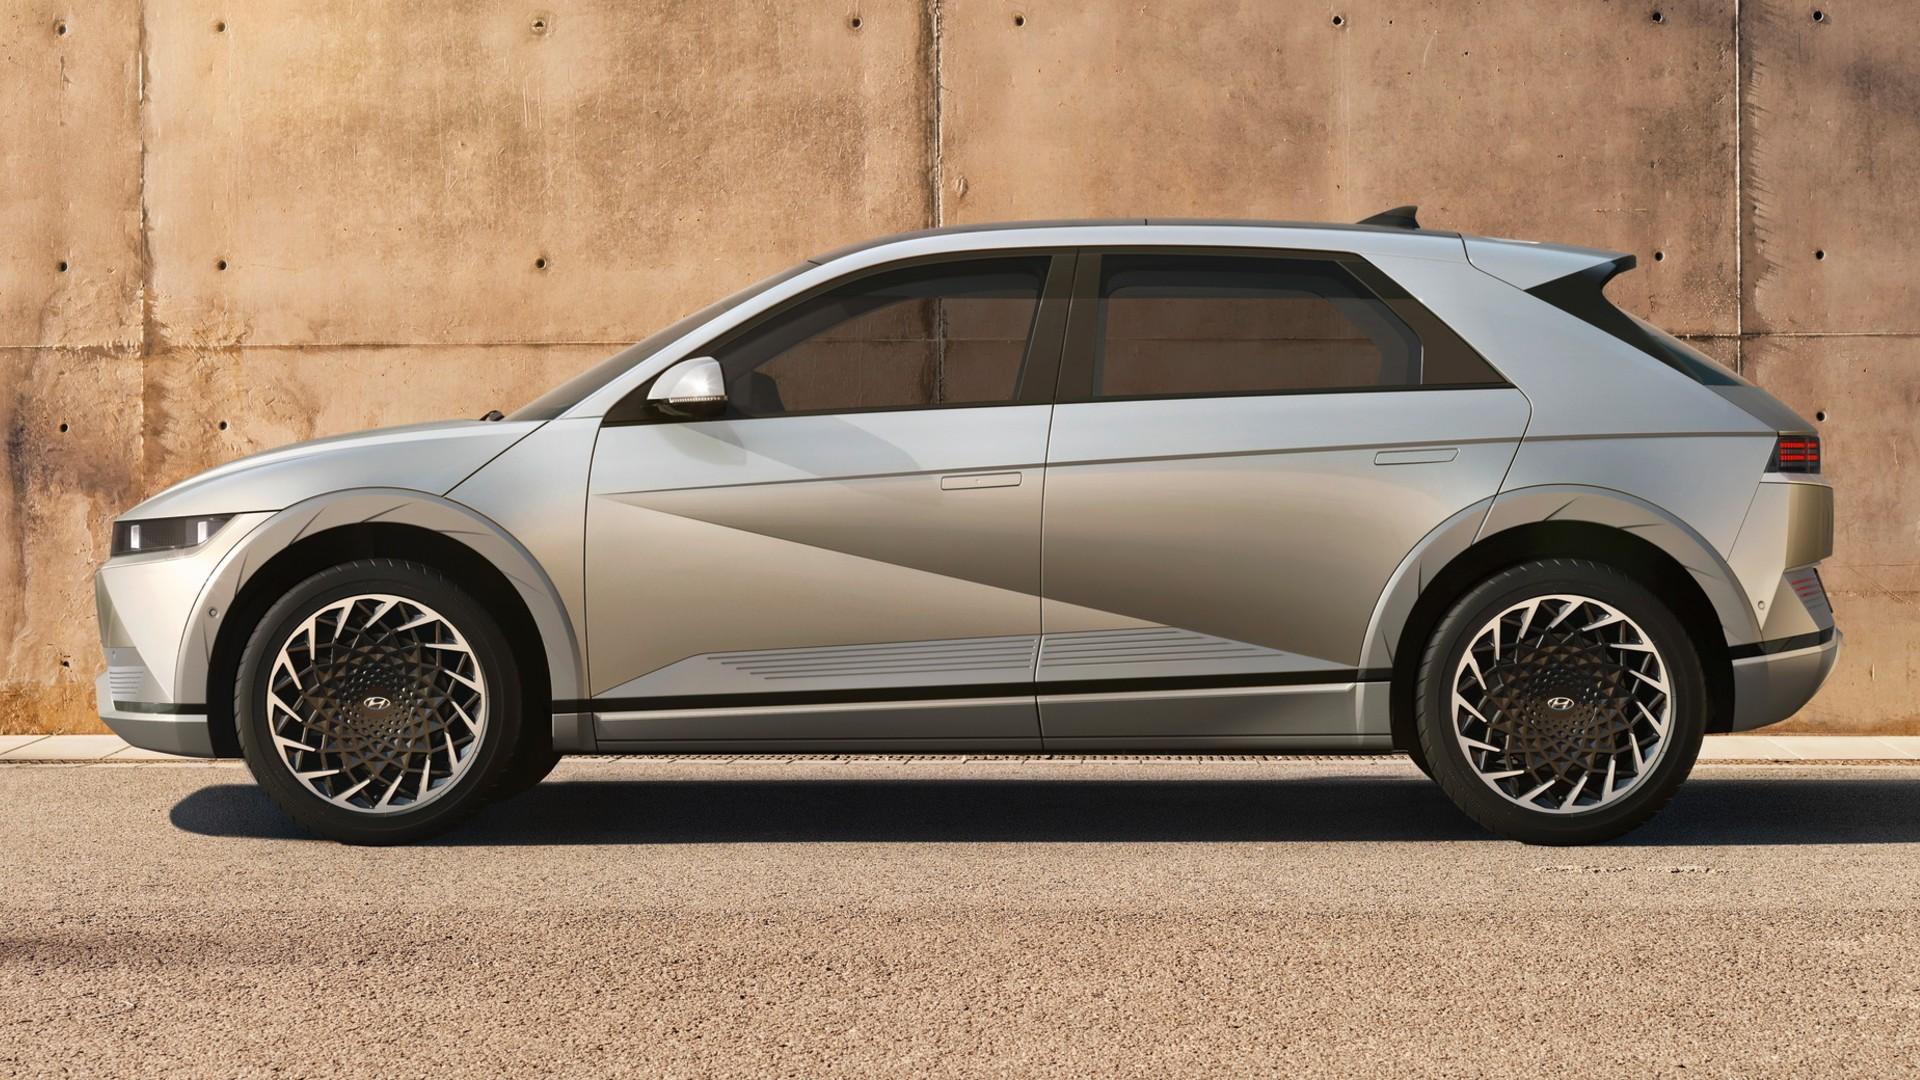 Το νέο μοντέλο της Hyundai σπάει ταμεία στην Ευρώπη!